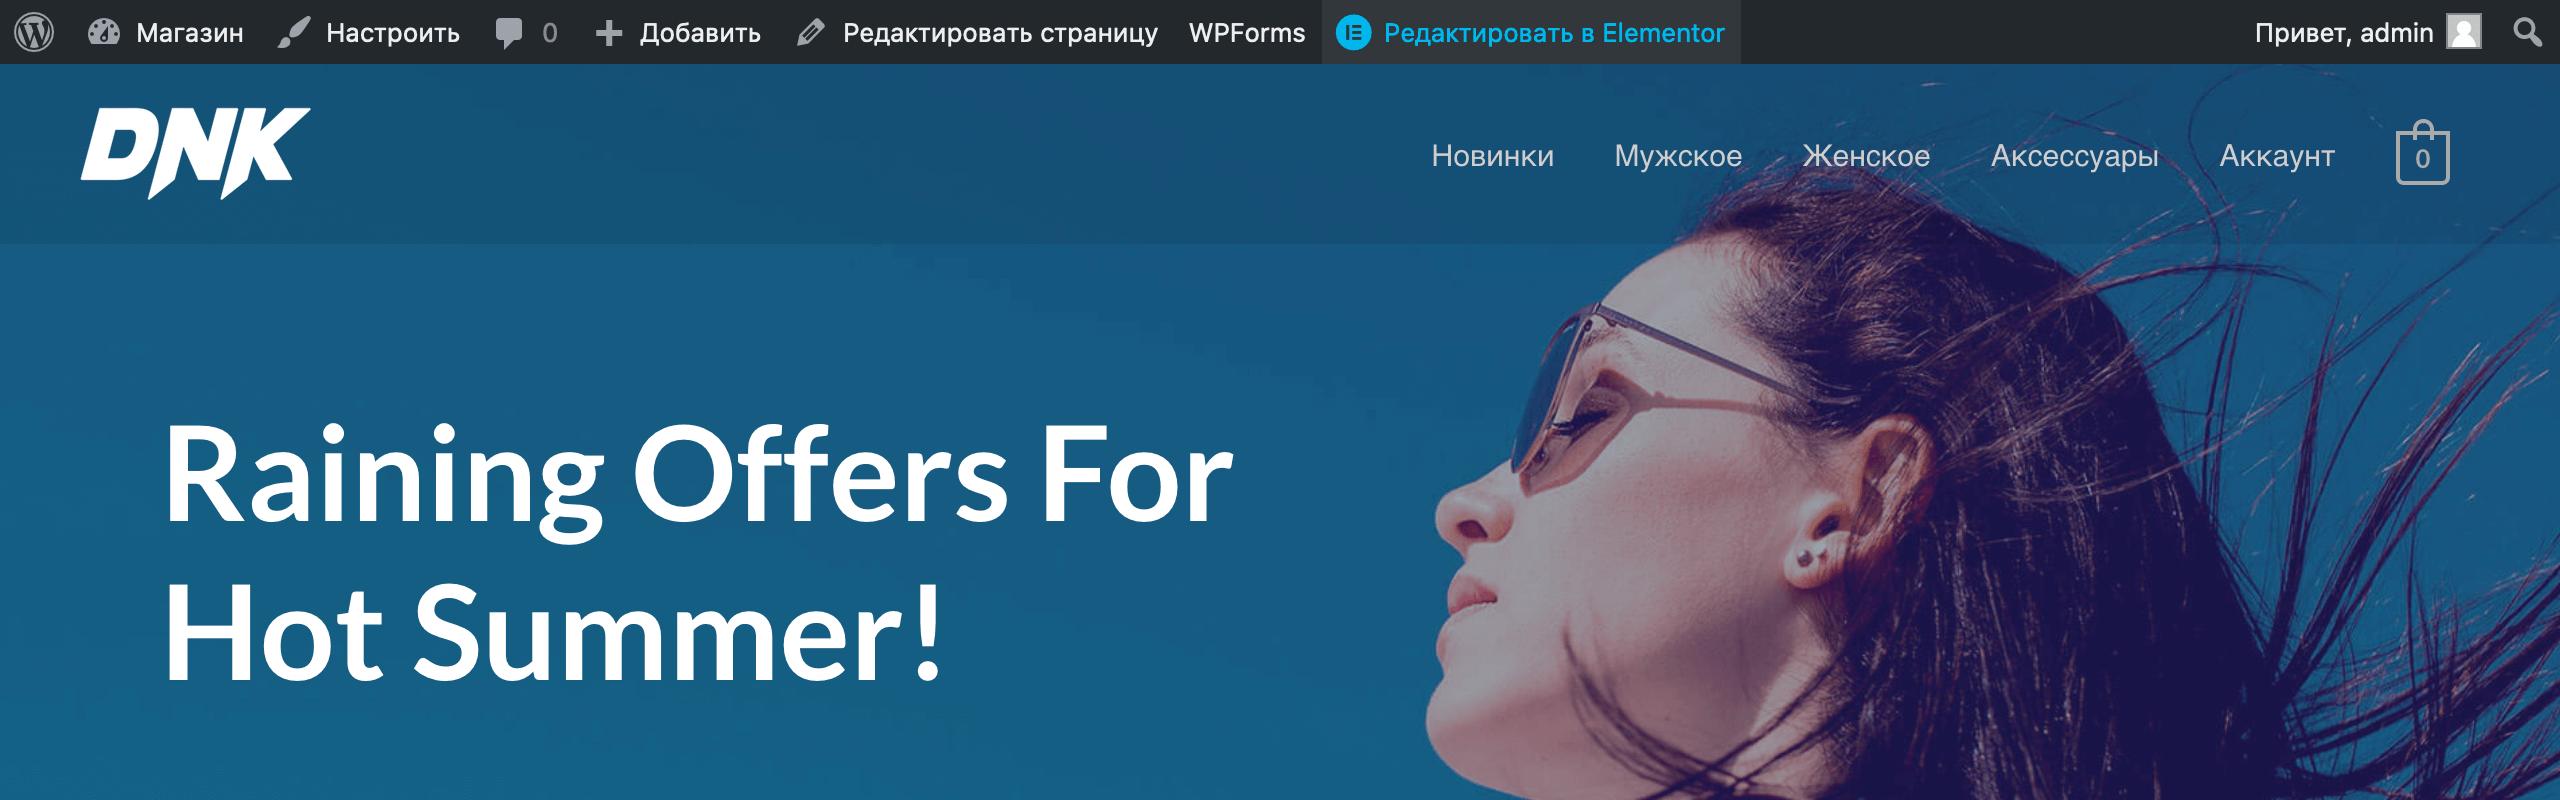 WordPress создать магазин: кнопка «Редактировать в Elementor» в панели быстрого доступа на главной странцие магазина